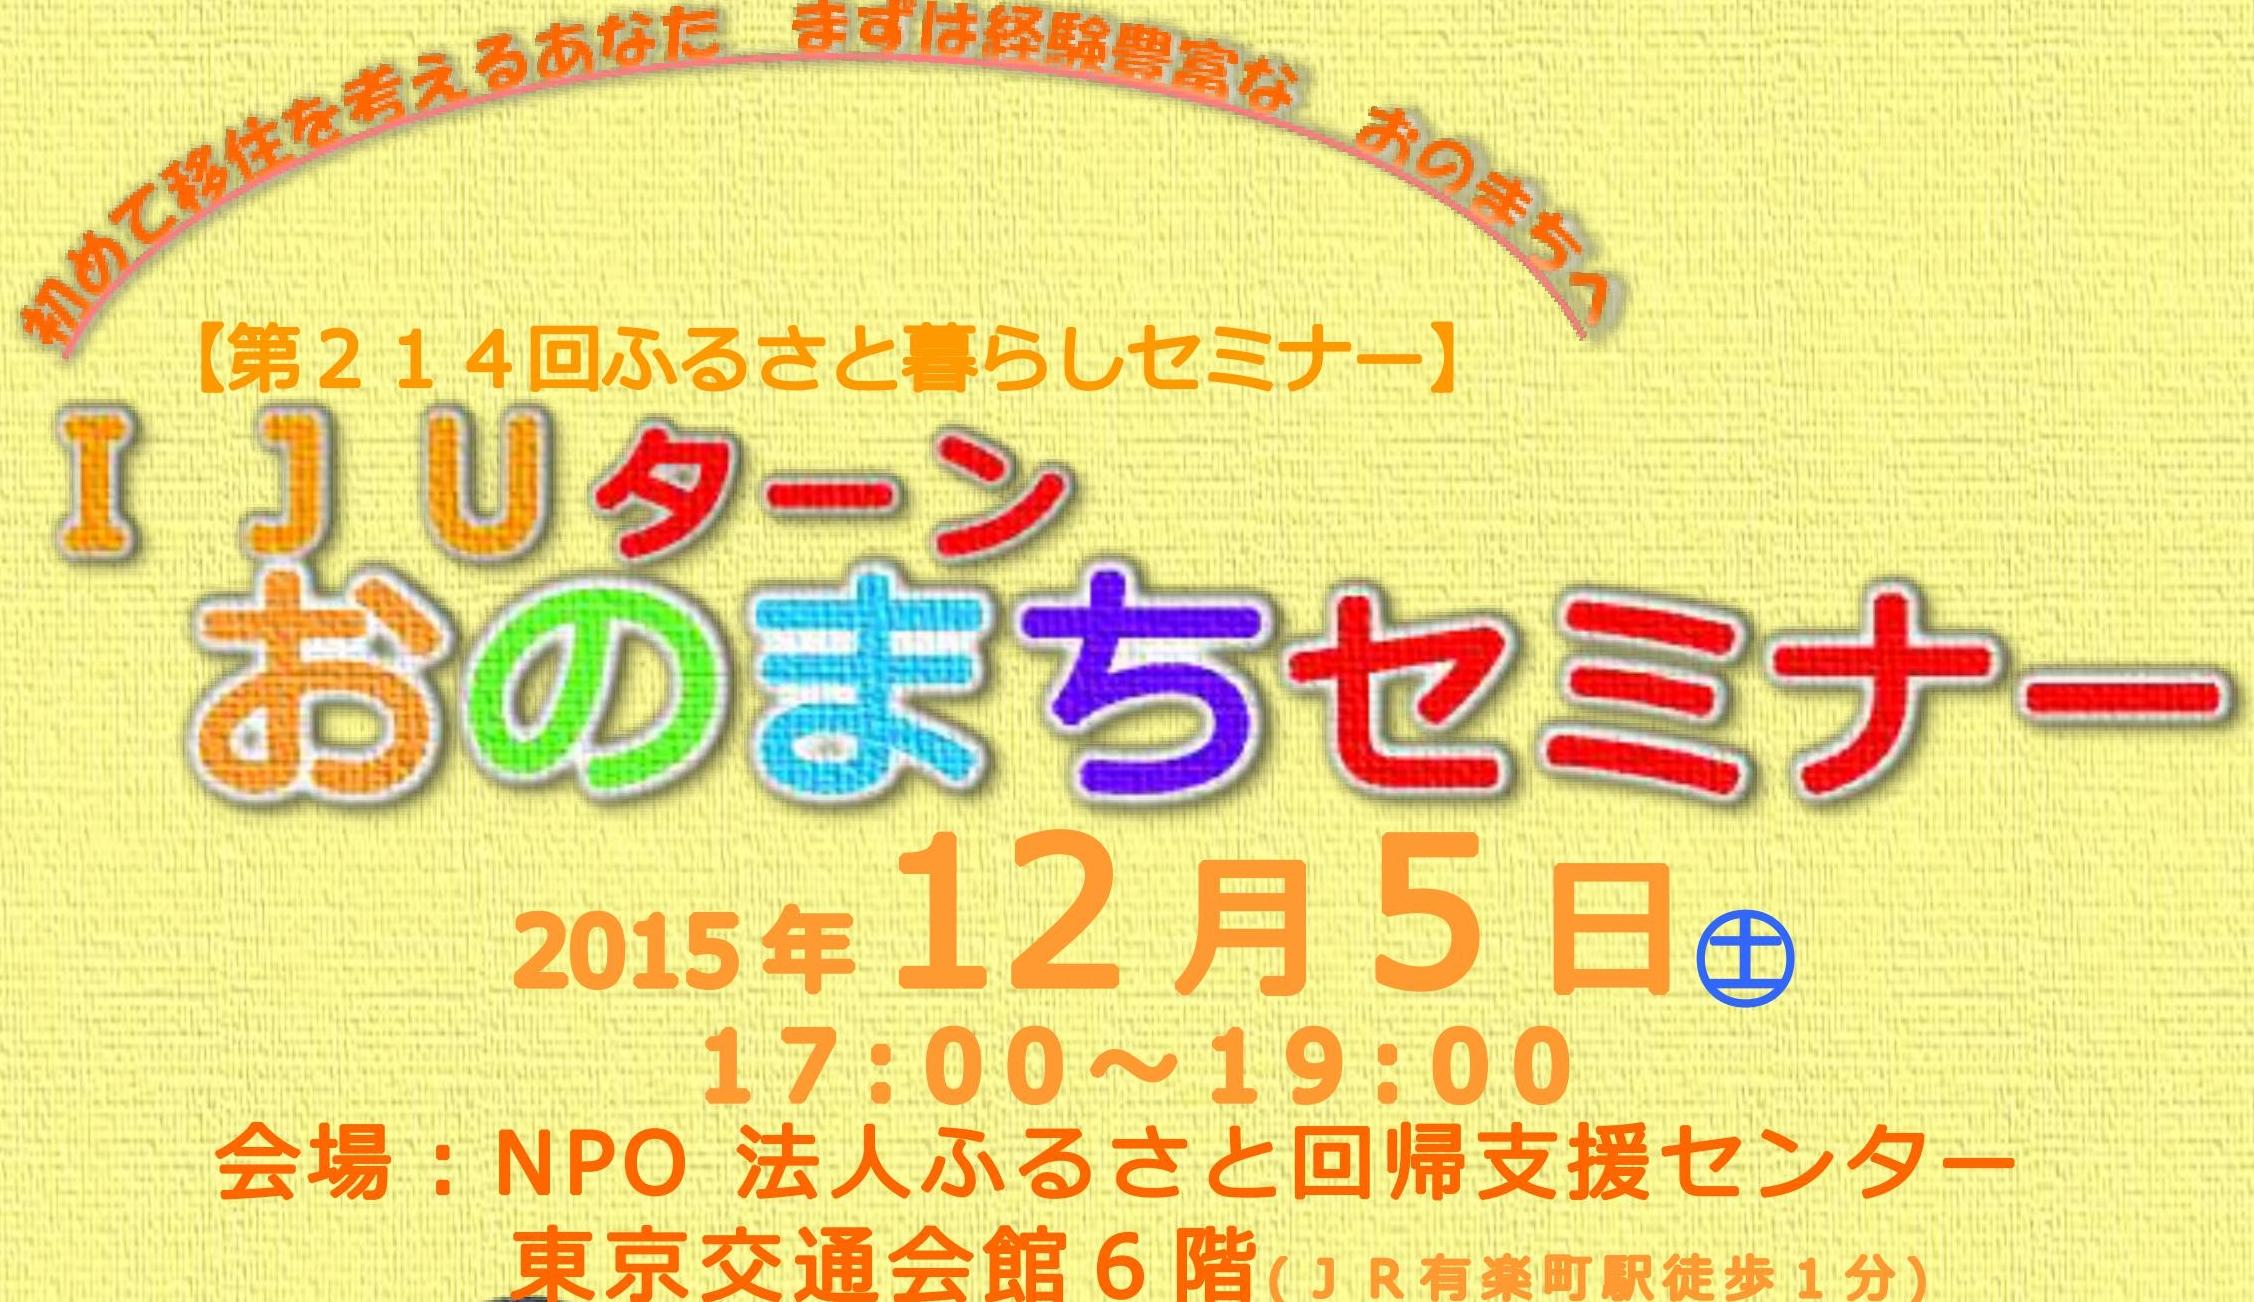 【福島県小野町】IJUターンおのまちセミナー